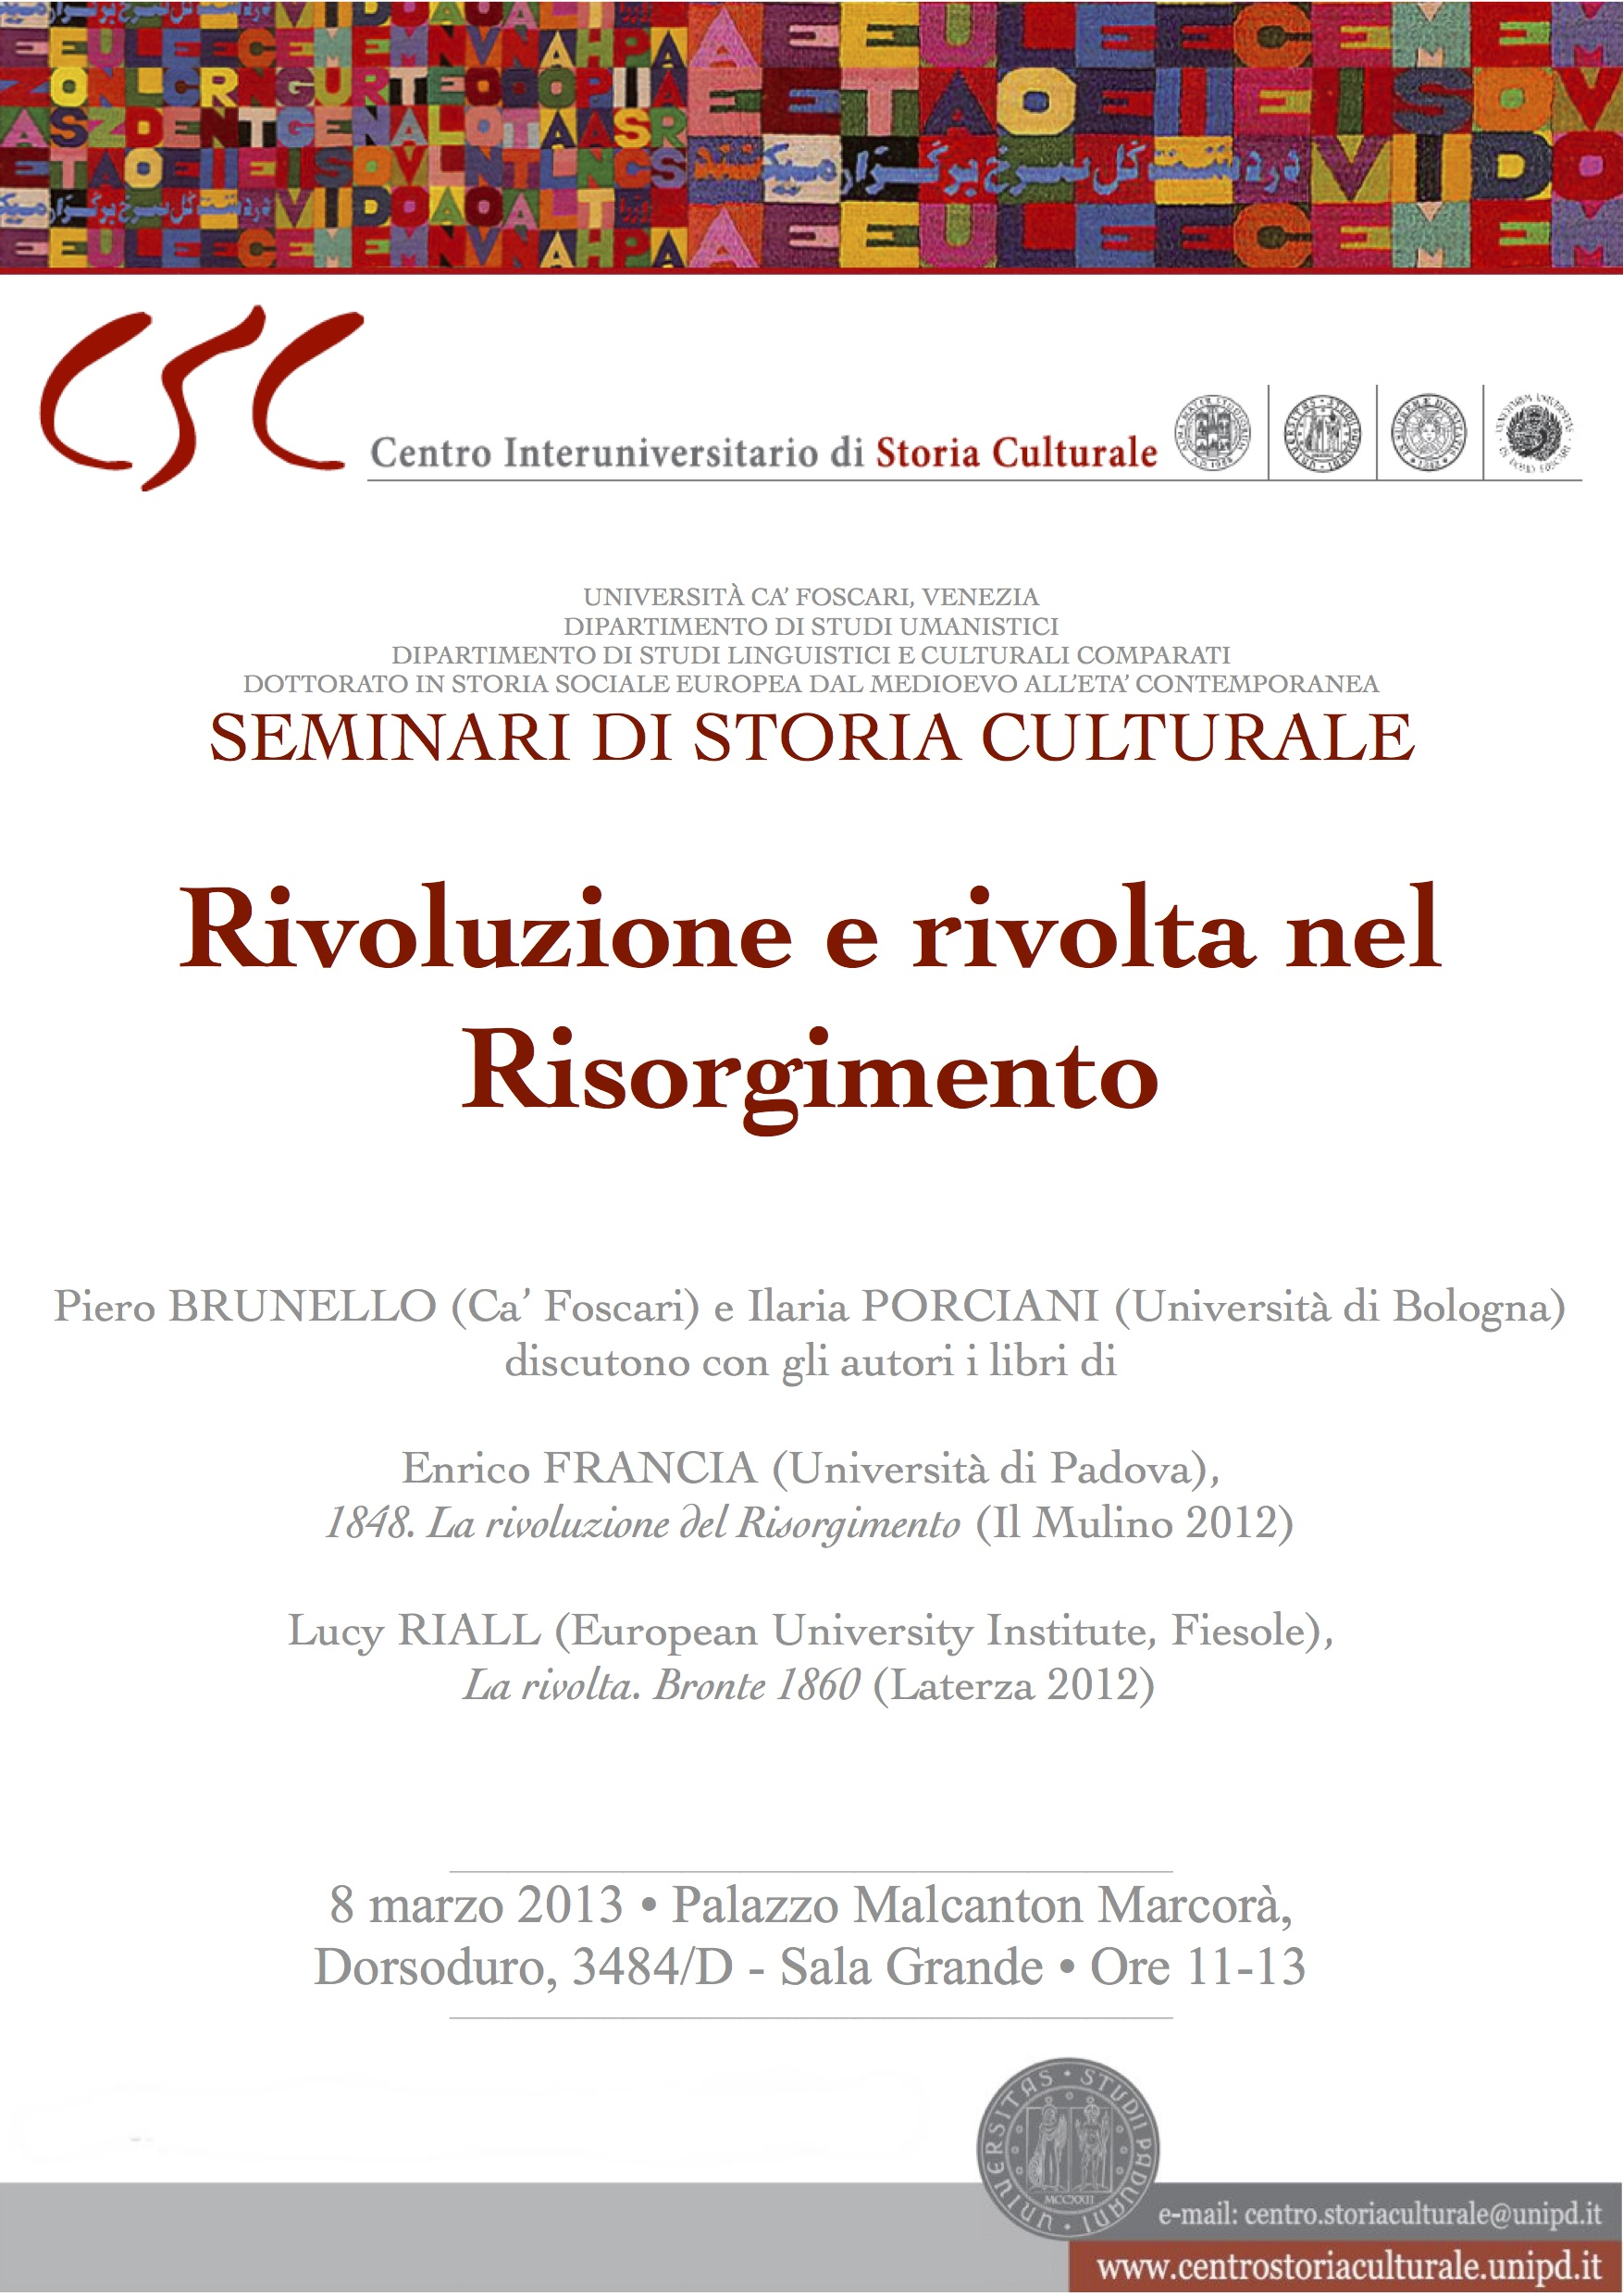 2013_03 (VE) Rivoluzione e Rivolta nel Risorgimento.jpg